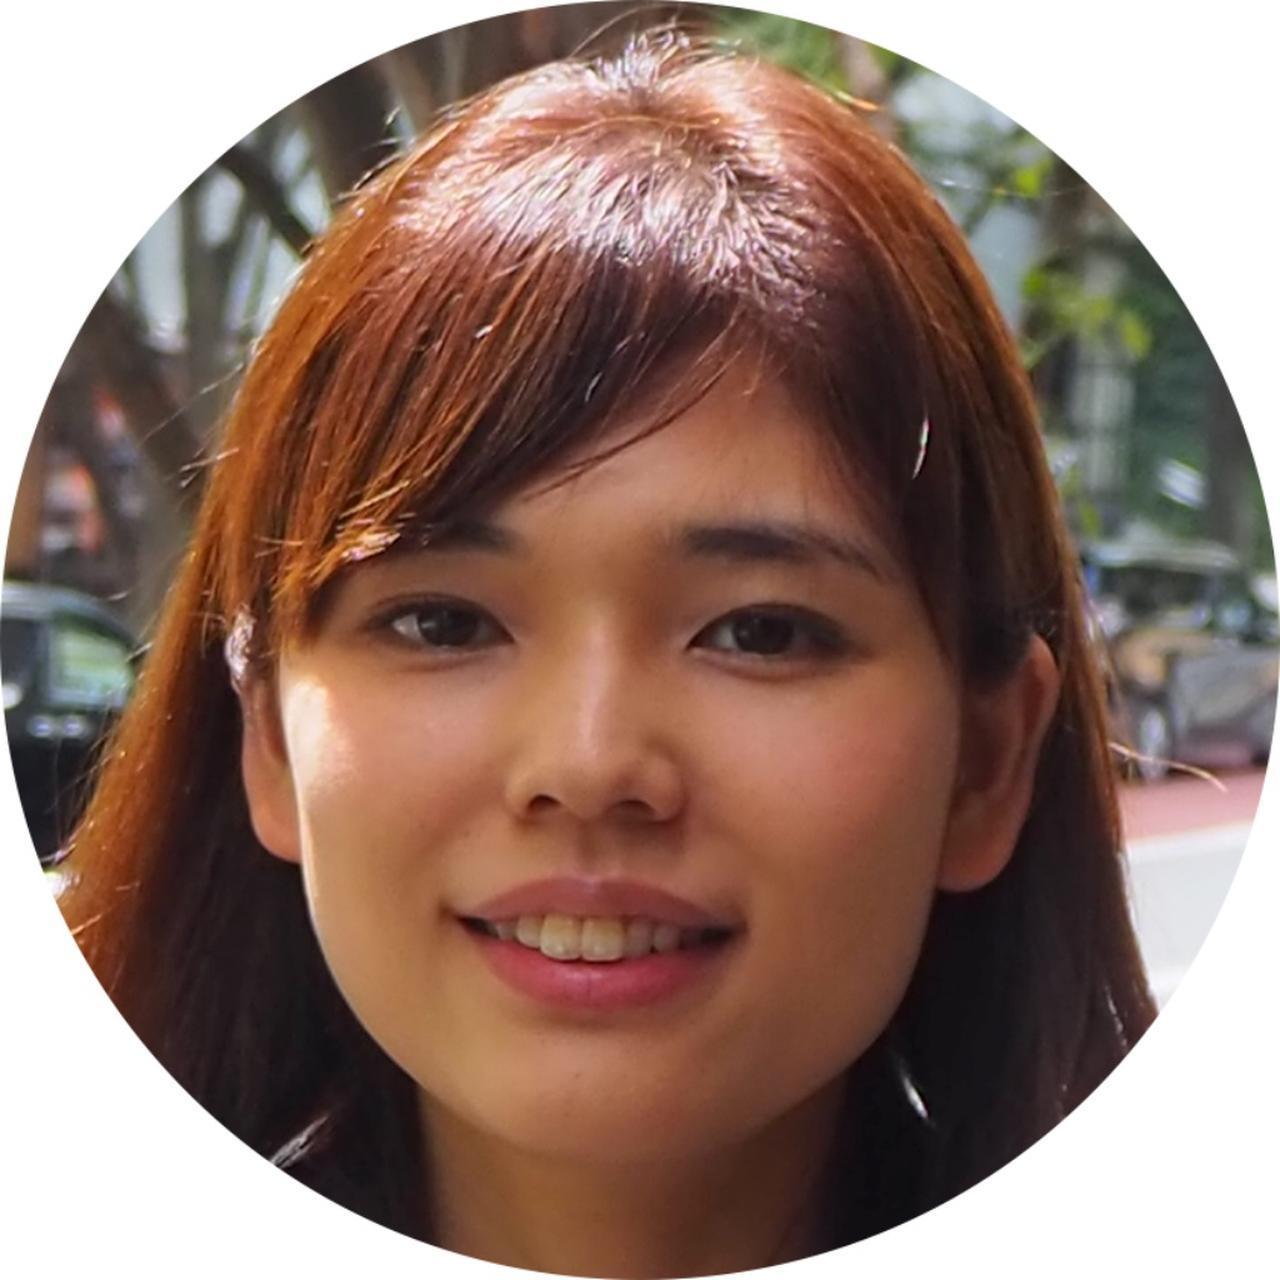 画像: 筒井香氏(メンタルトレーナー ポリゴン研究員、日本スポーツ心理学会認定スポーツメンタルトレーニング指導士